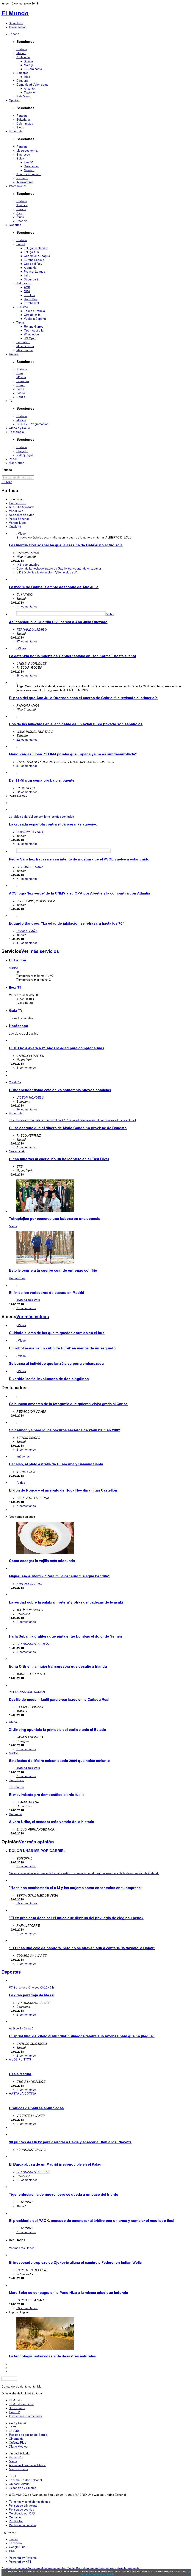 El Mundo at Monday March 12, 2018, 9:13 a.m. UTC